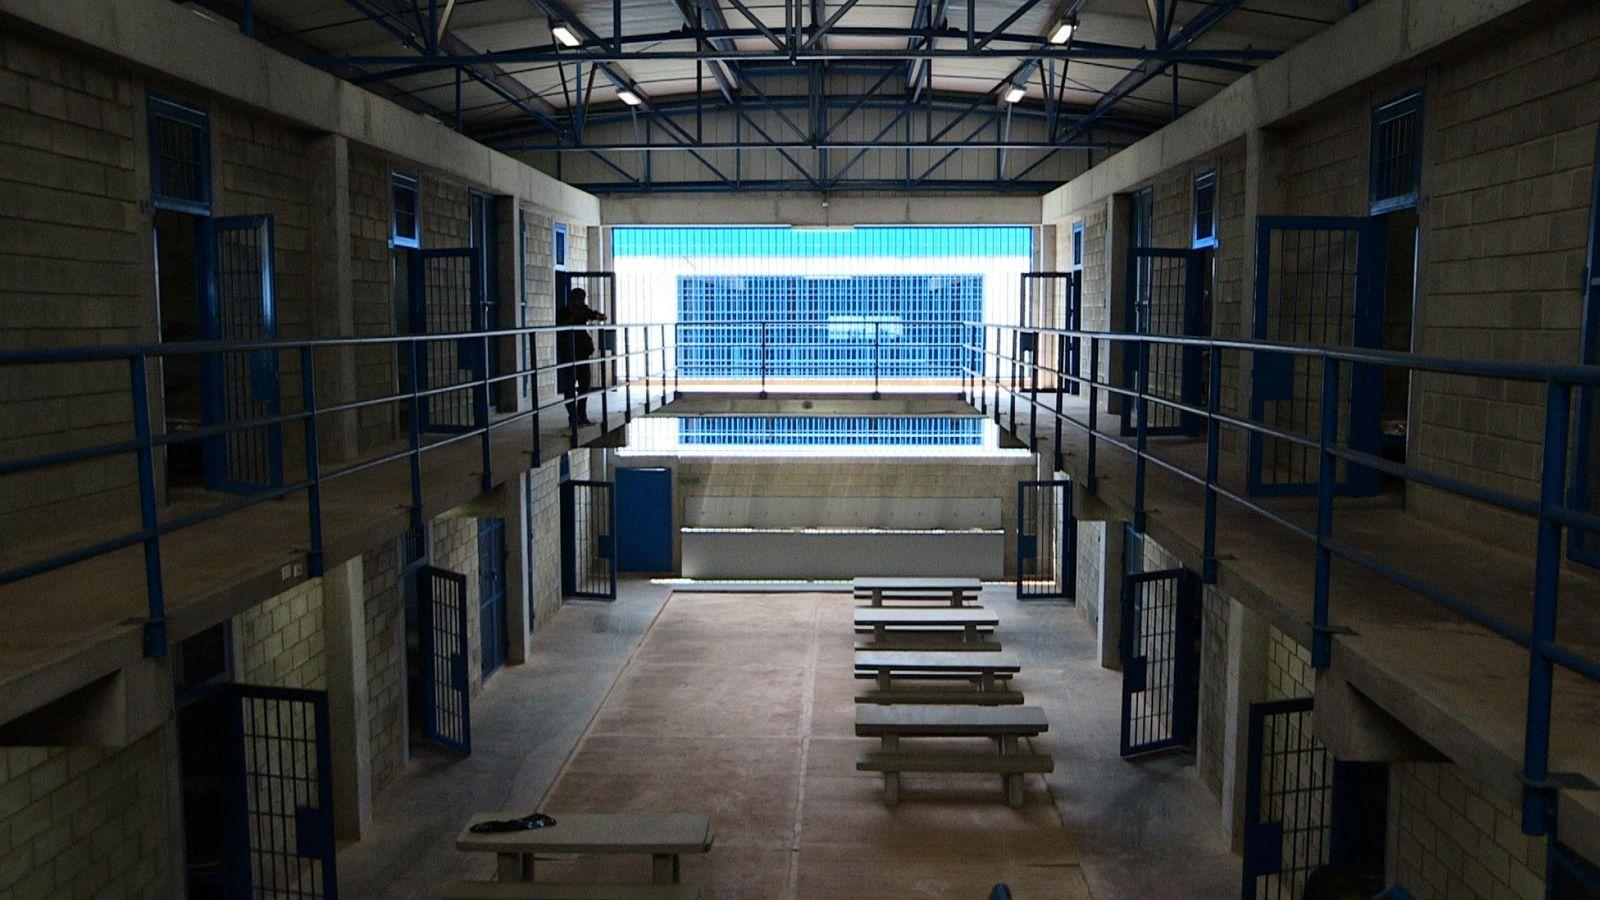 Foto: Las autoridades españolas han intensificado en los últimos meses el control de los presos islamistas en prisión. (Efe)